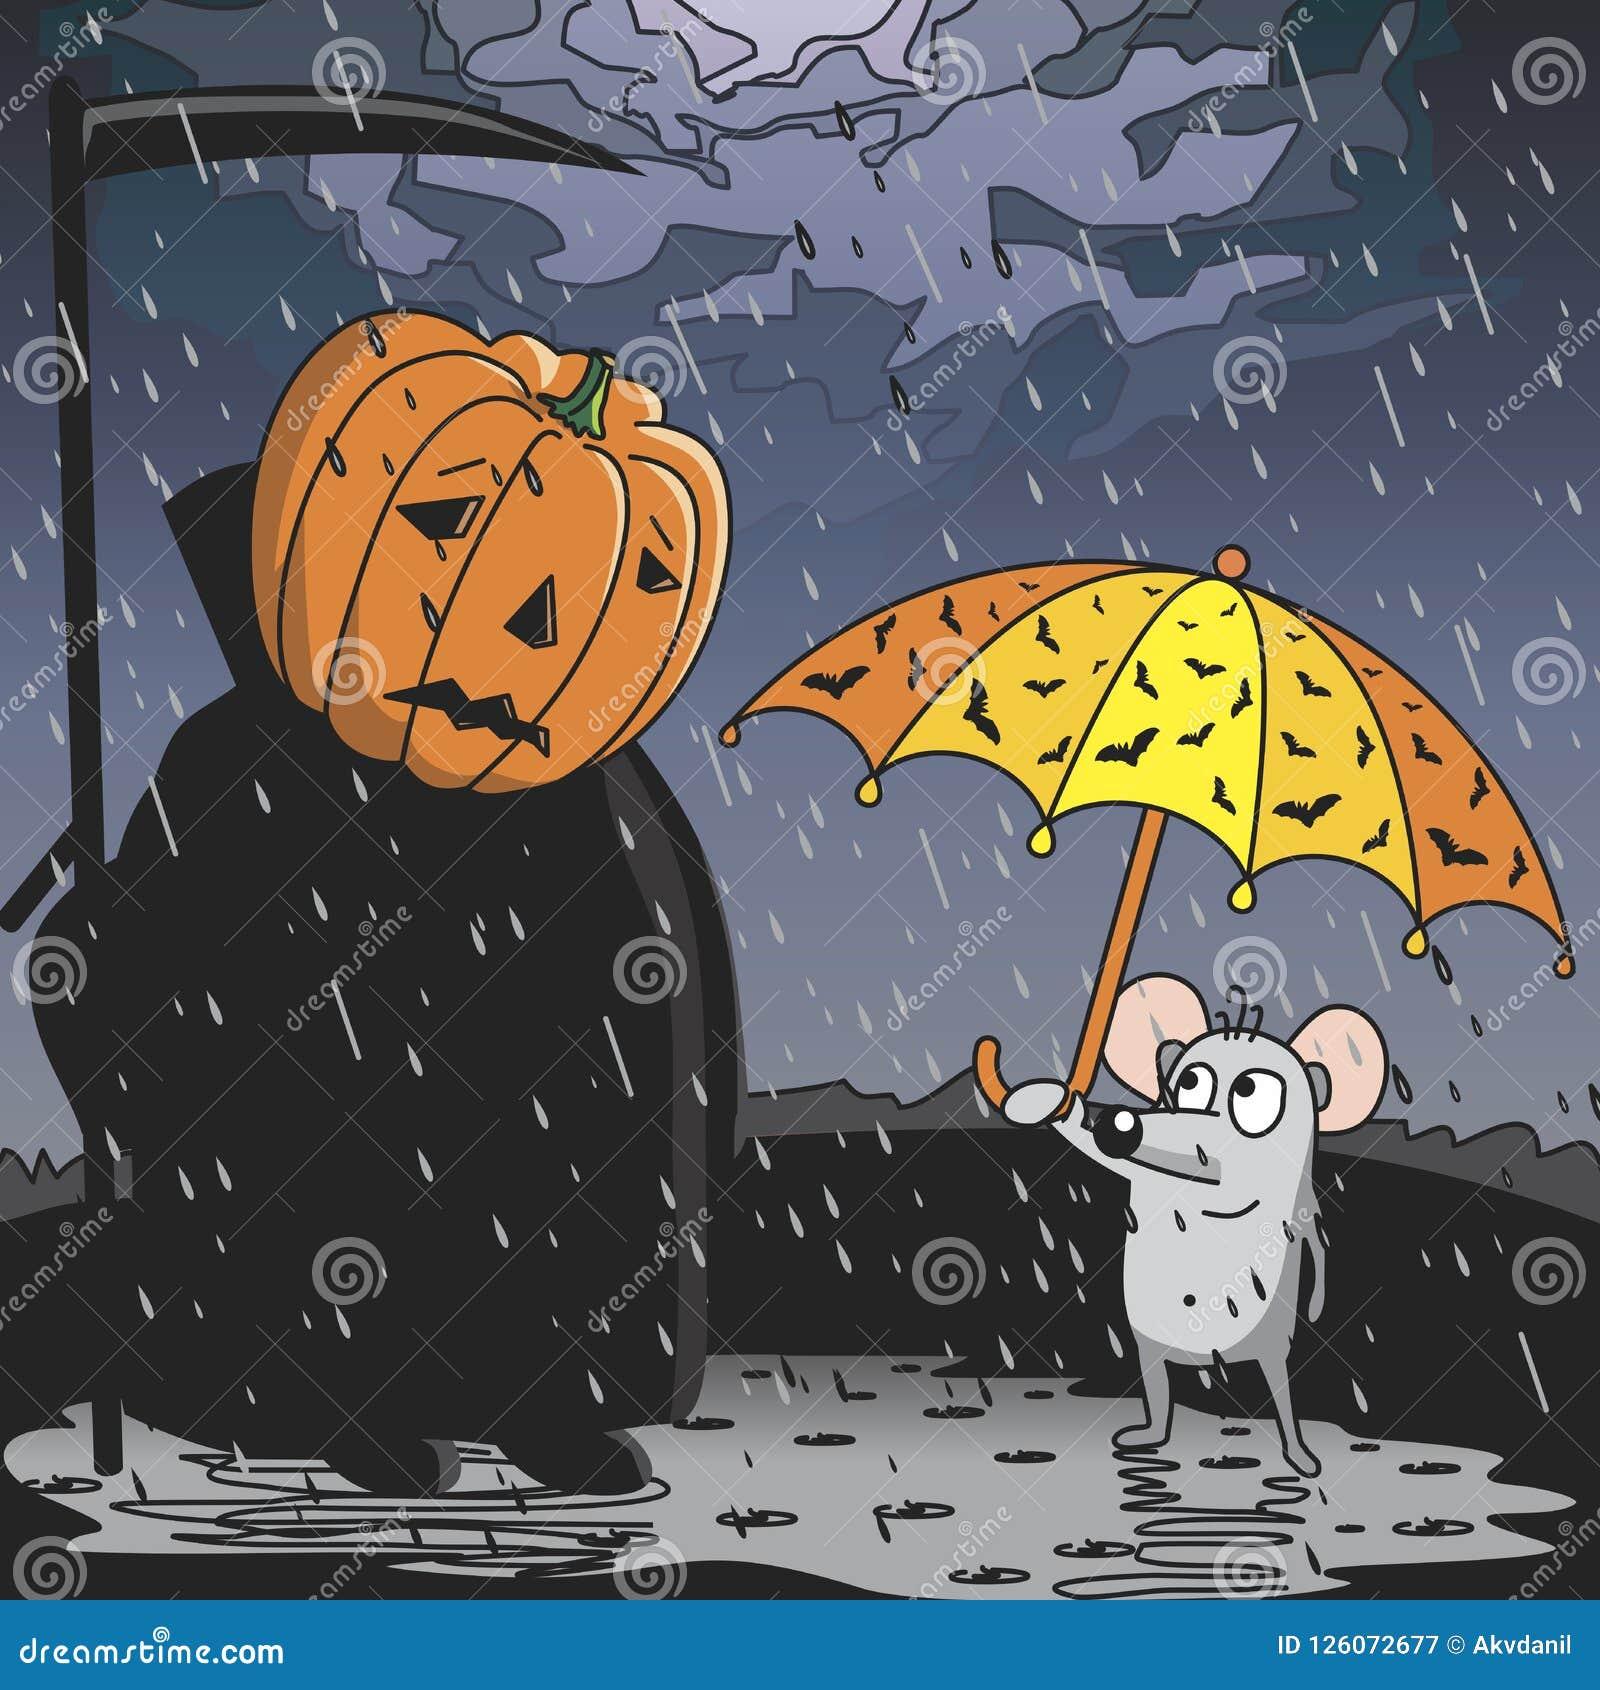 The rain on Halloween.